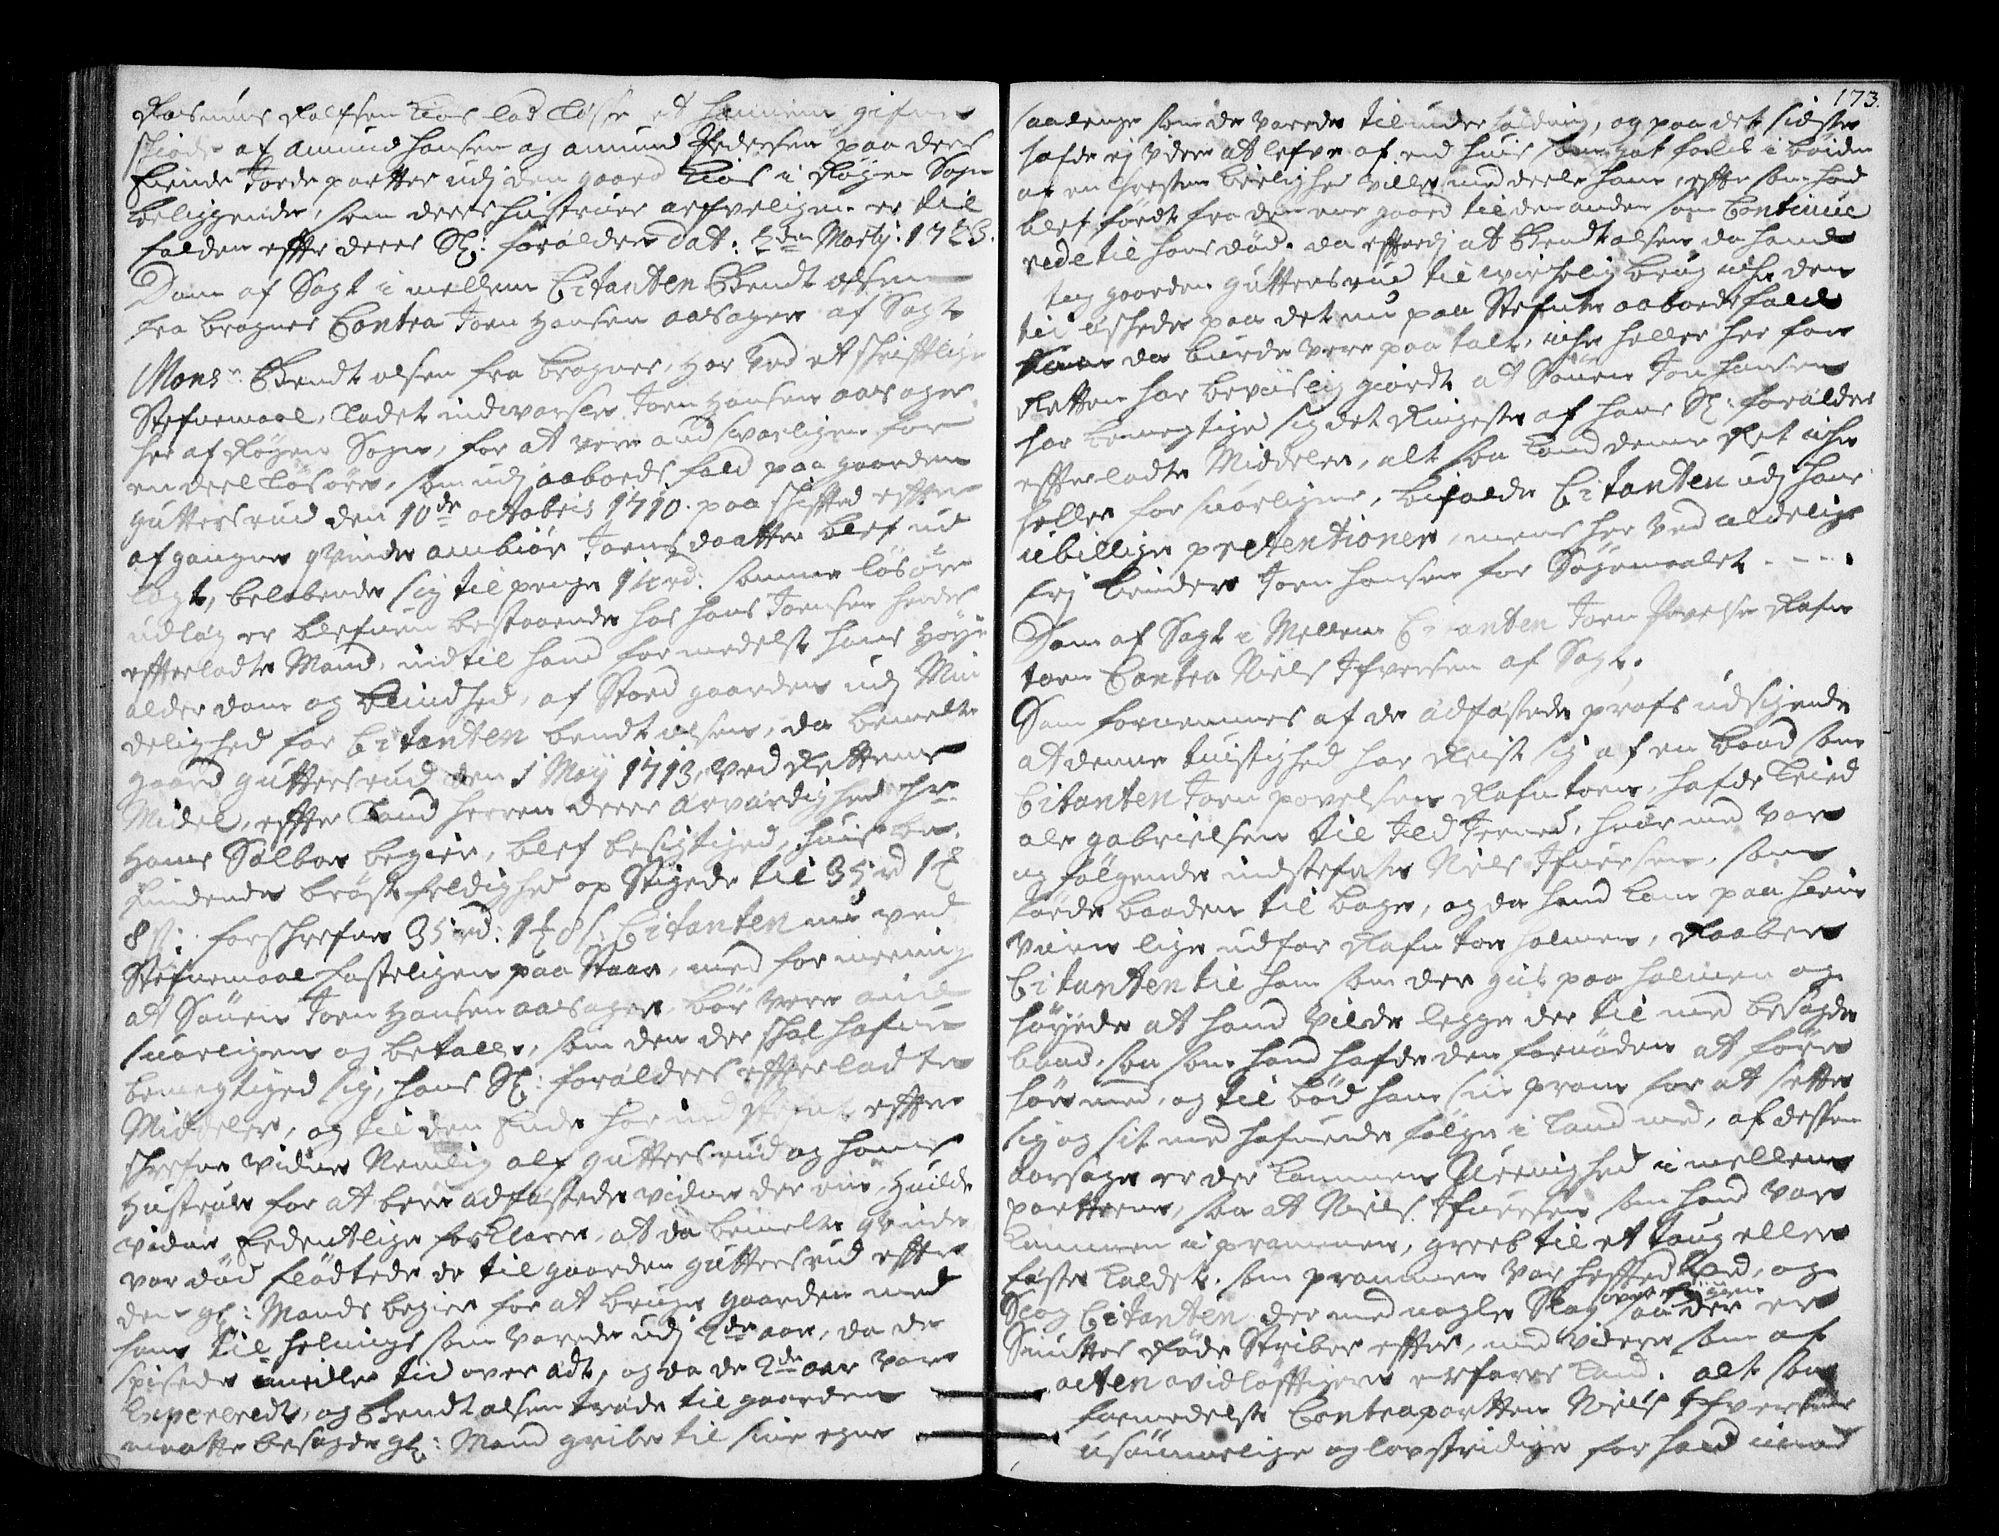 SAKO, Lier, Røyken og Hurum sorenskriveri, F/Fa/L0045: Tingbok, 1721-1724, s. 173